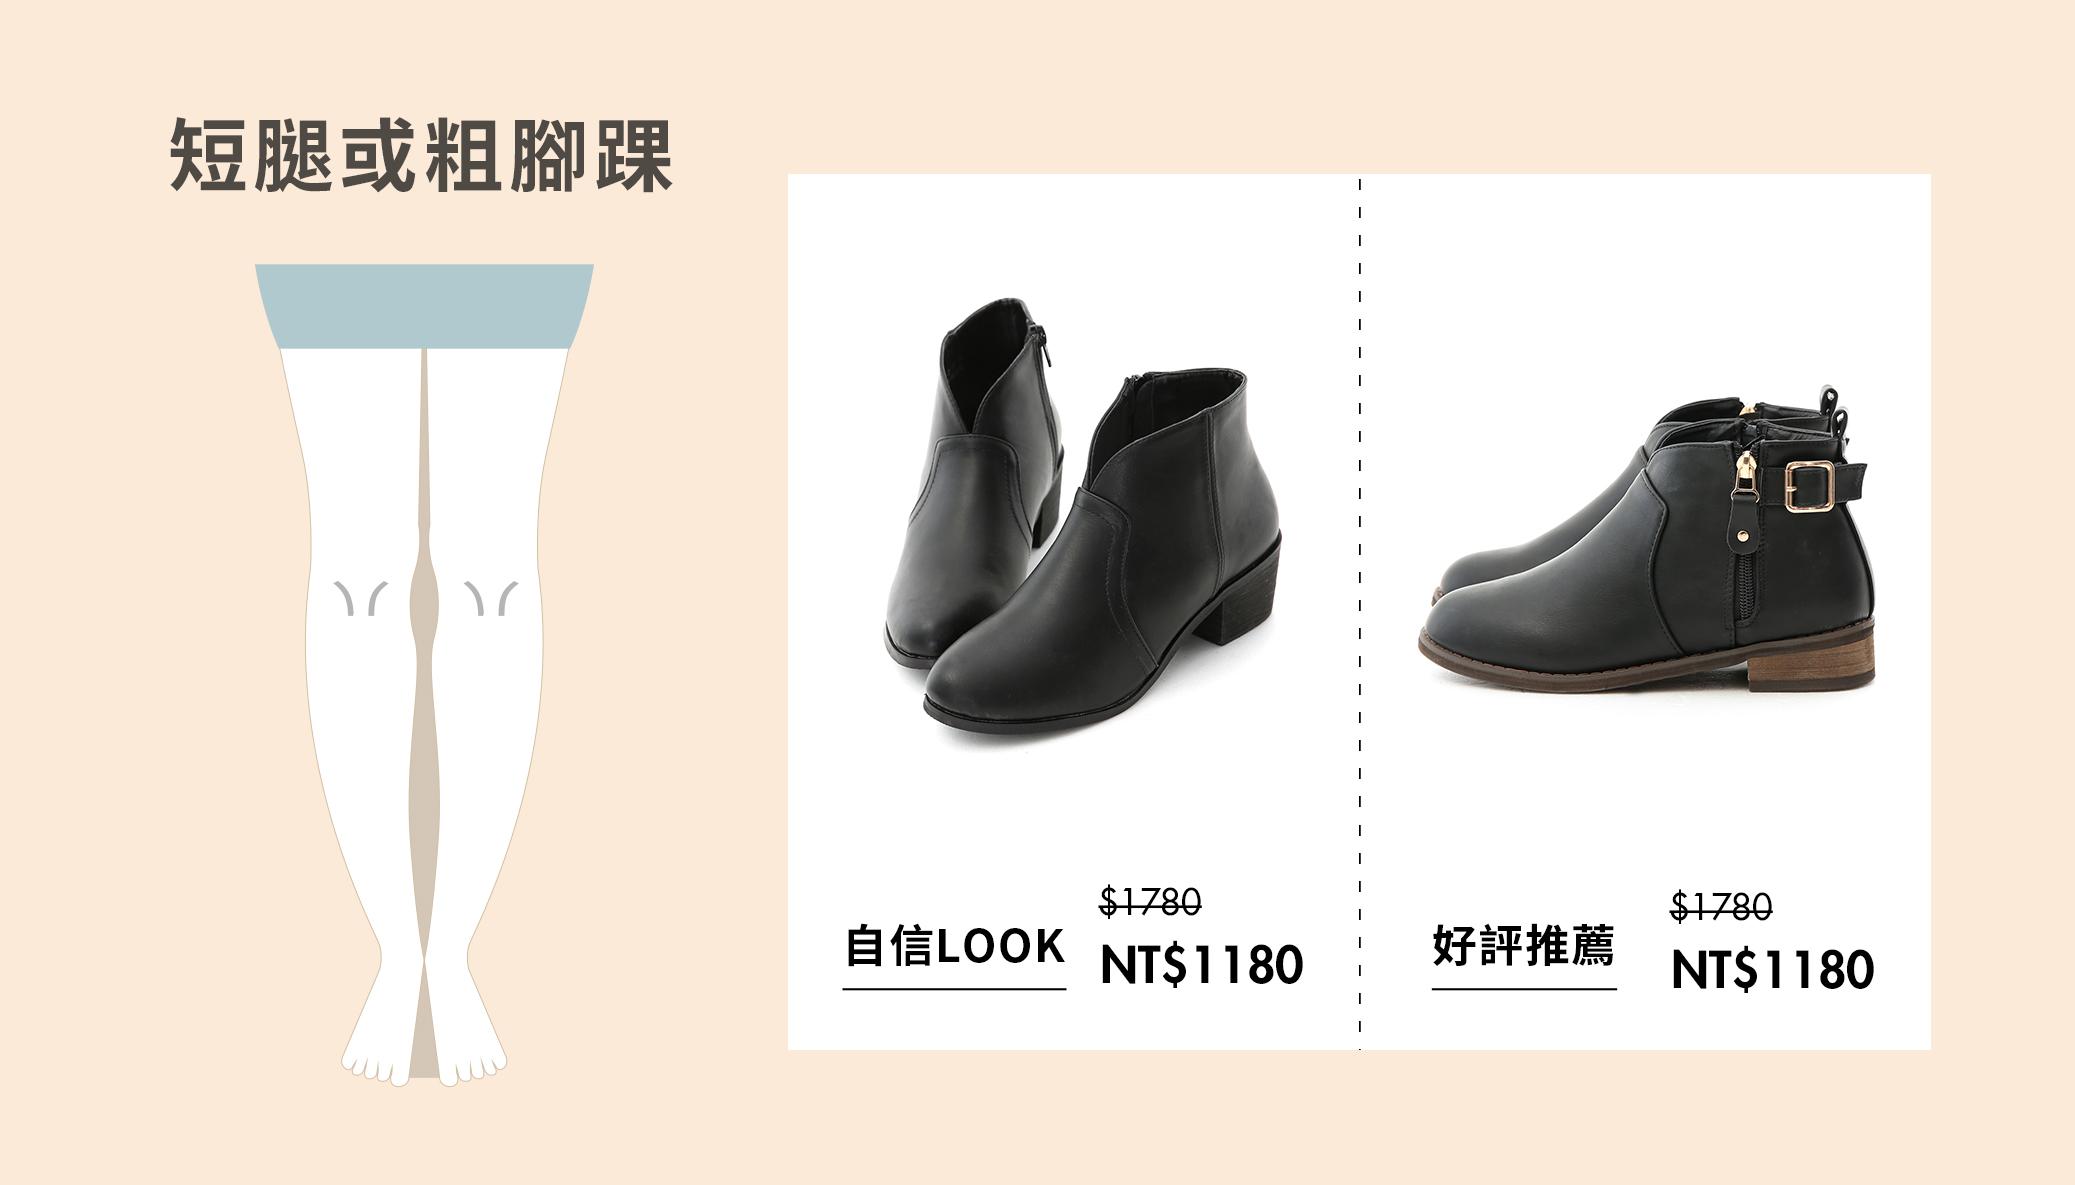 蘿蔔腿、O型腿、X型腿、蜜大腿、短腿、細長腿 選擇靴子